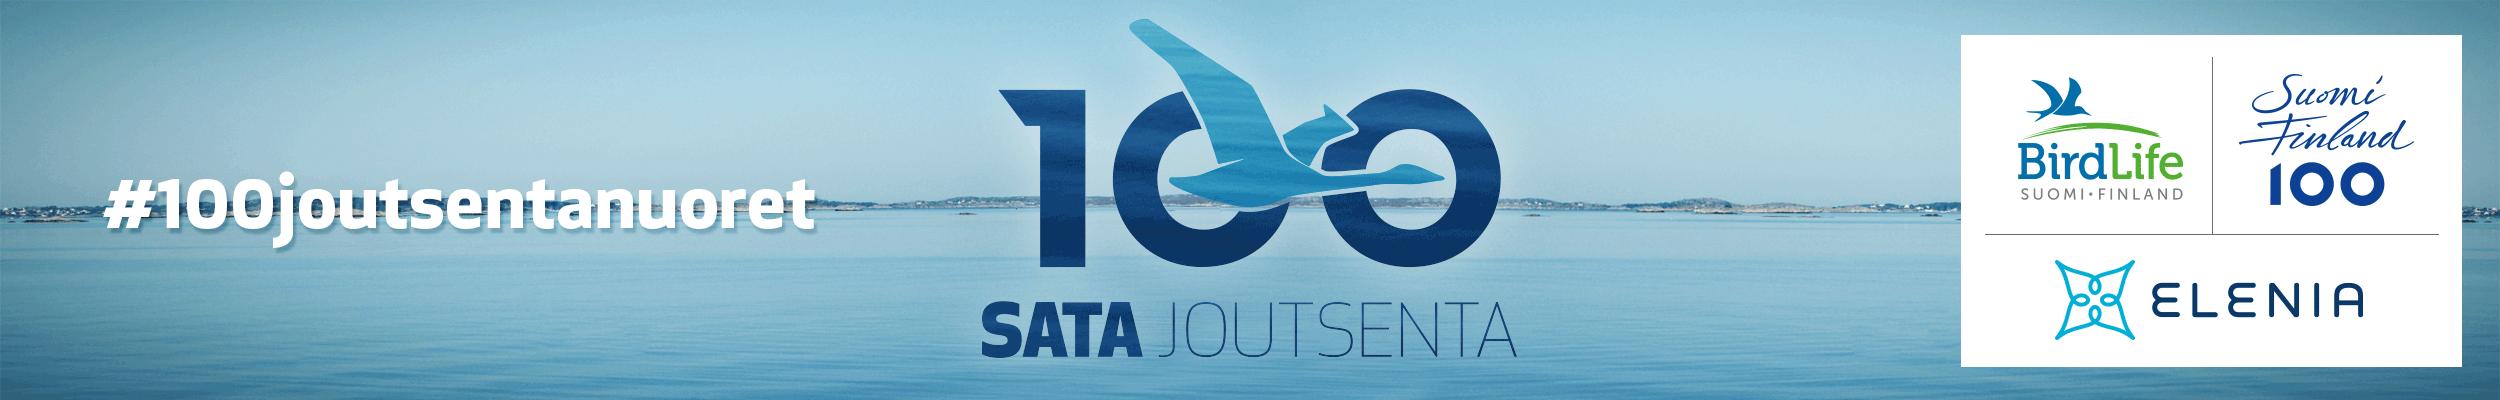 100 joutsenta – kuvakilpailun näyttely